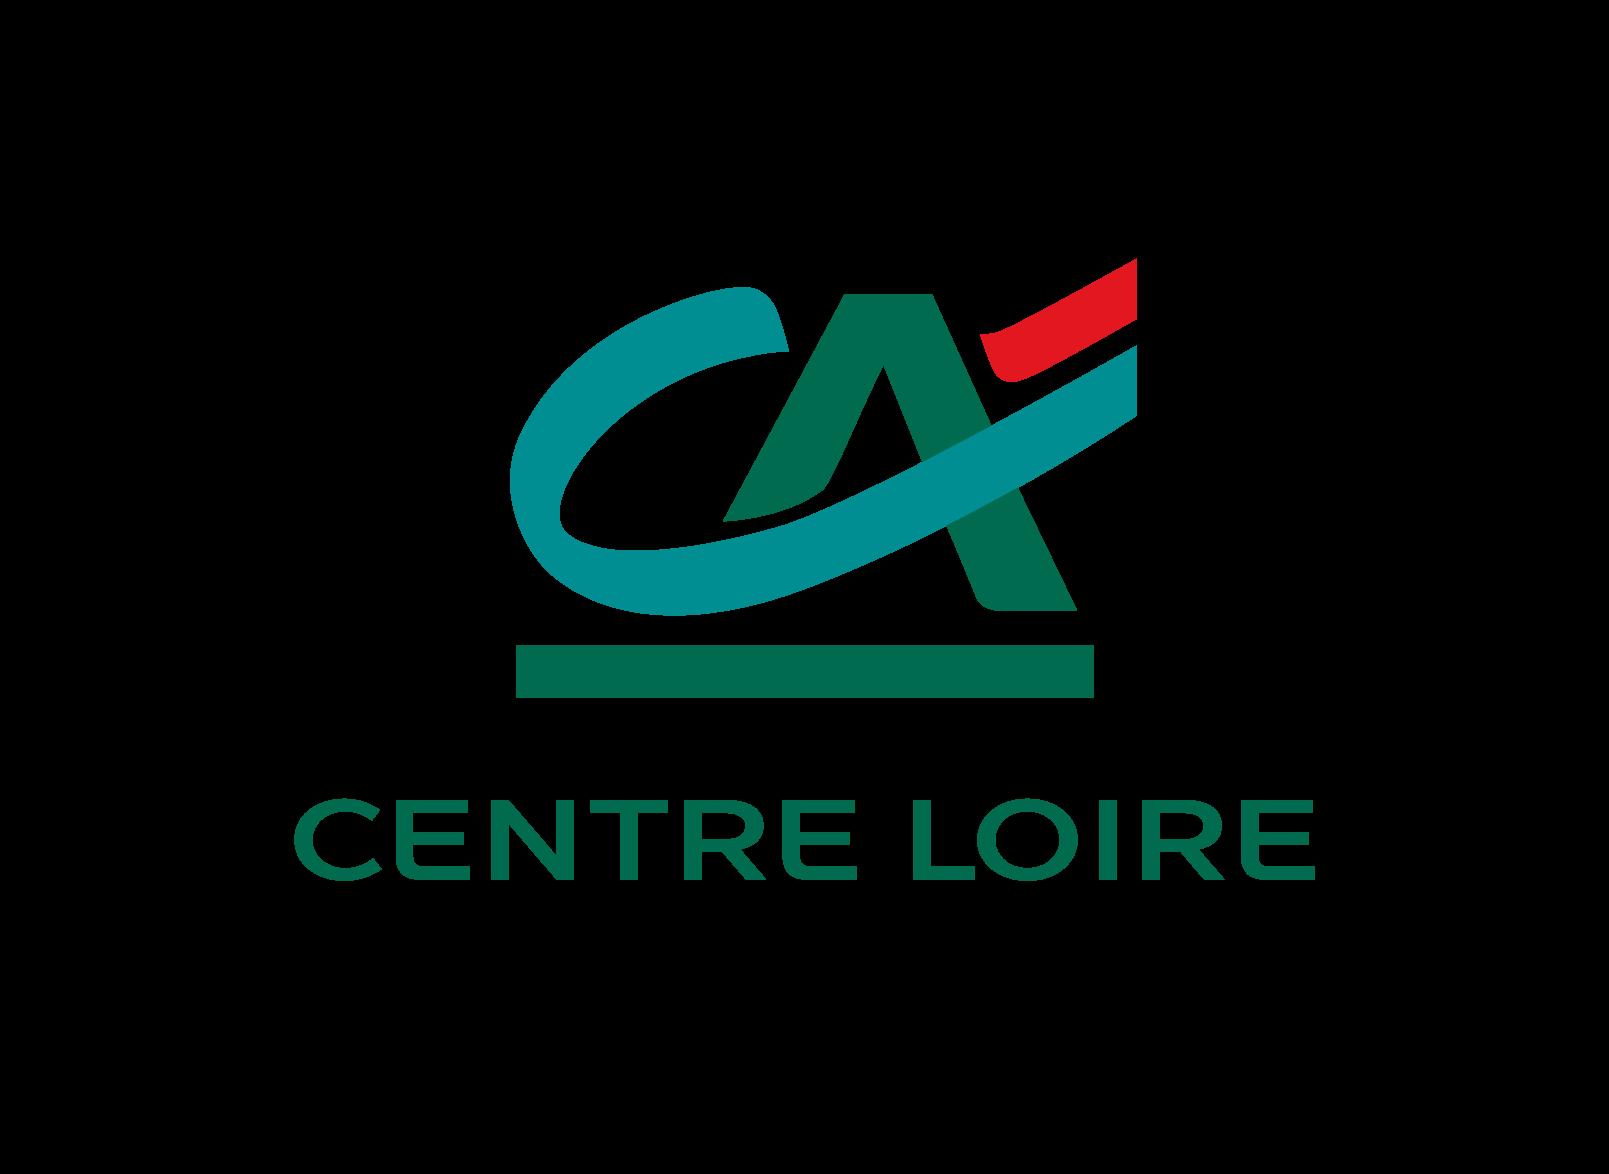 Centre loire CA